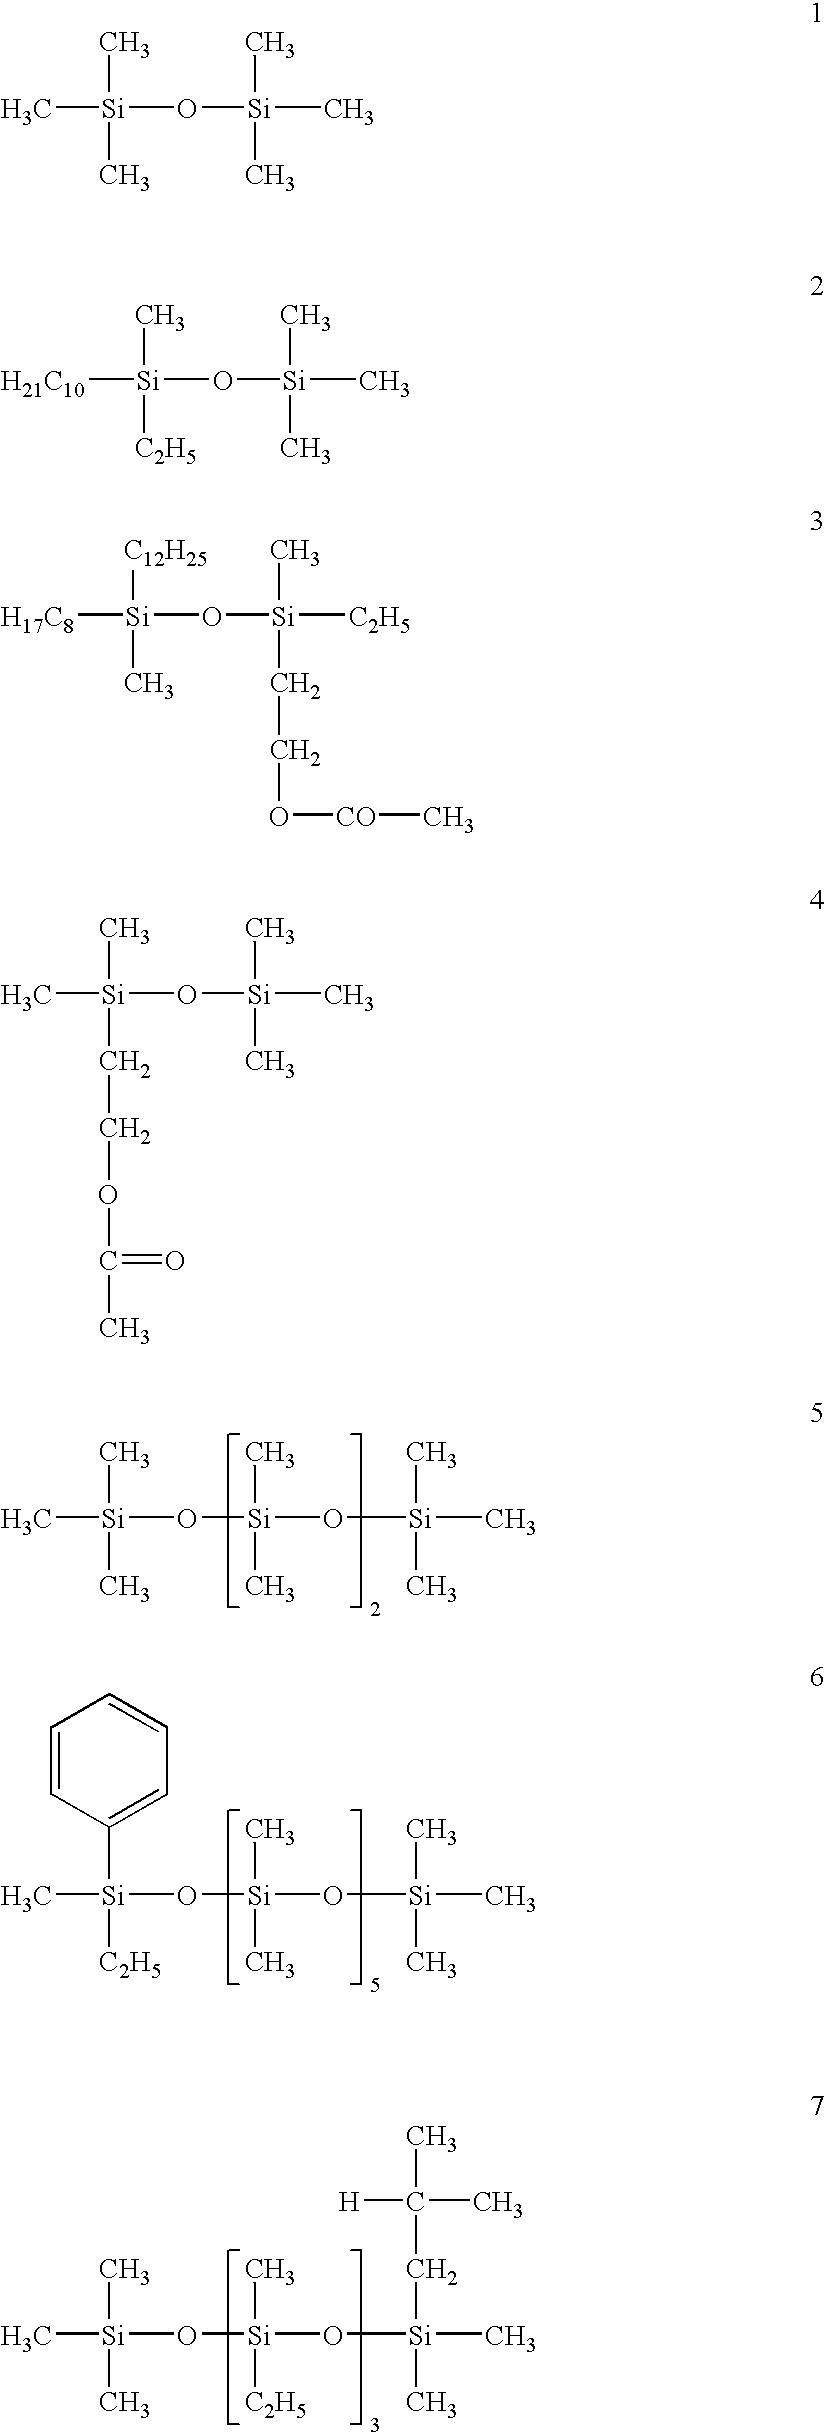 Figure US20060131561A1-20060622-C00009